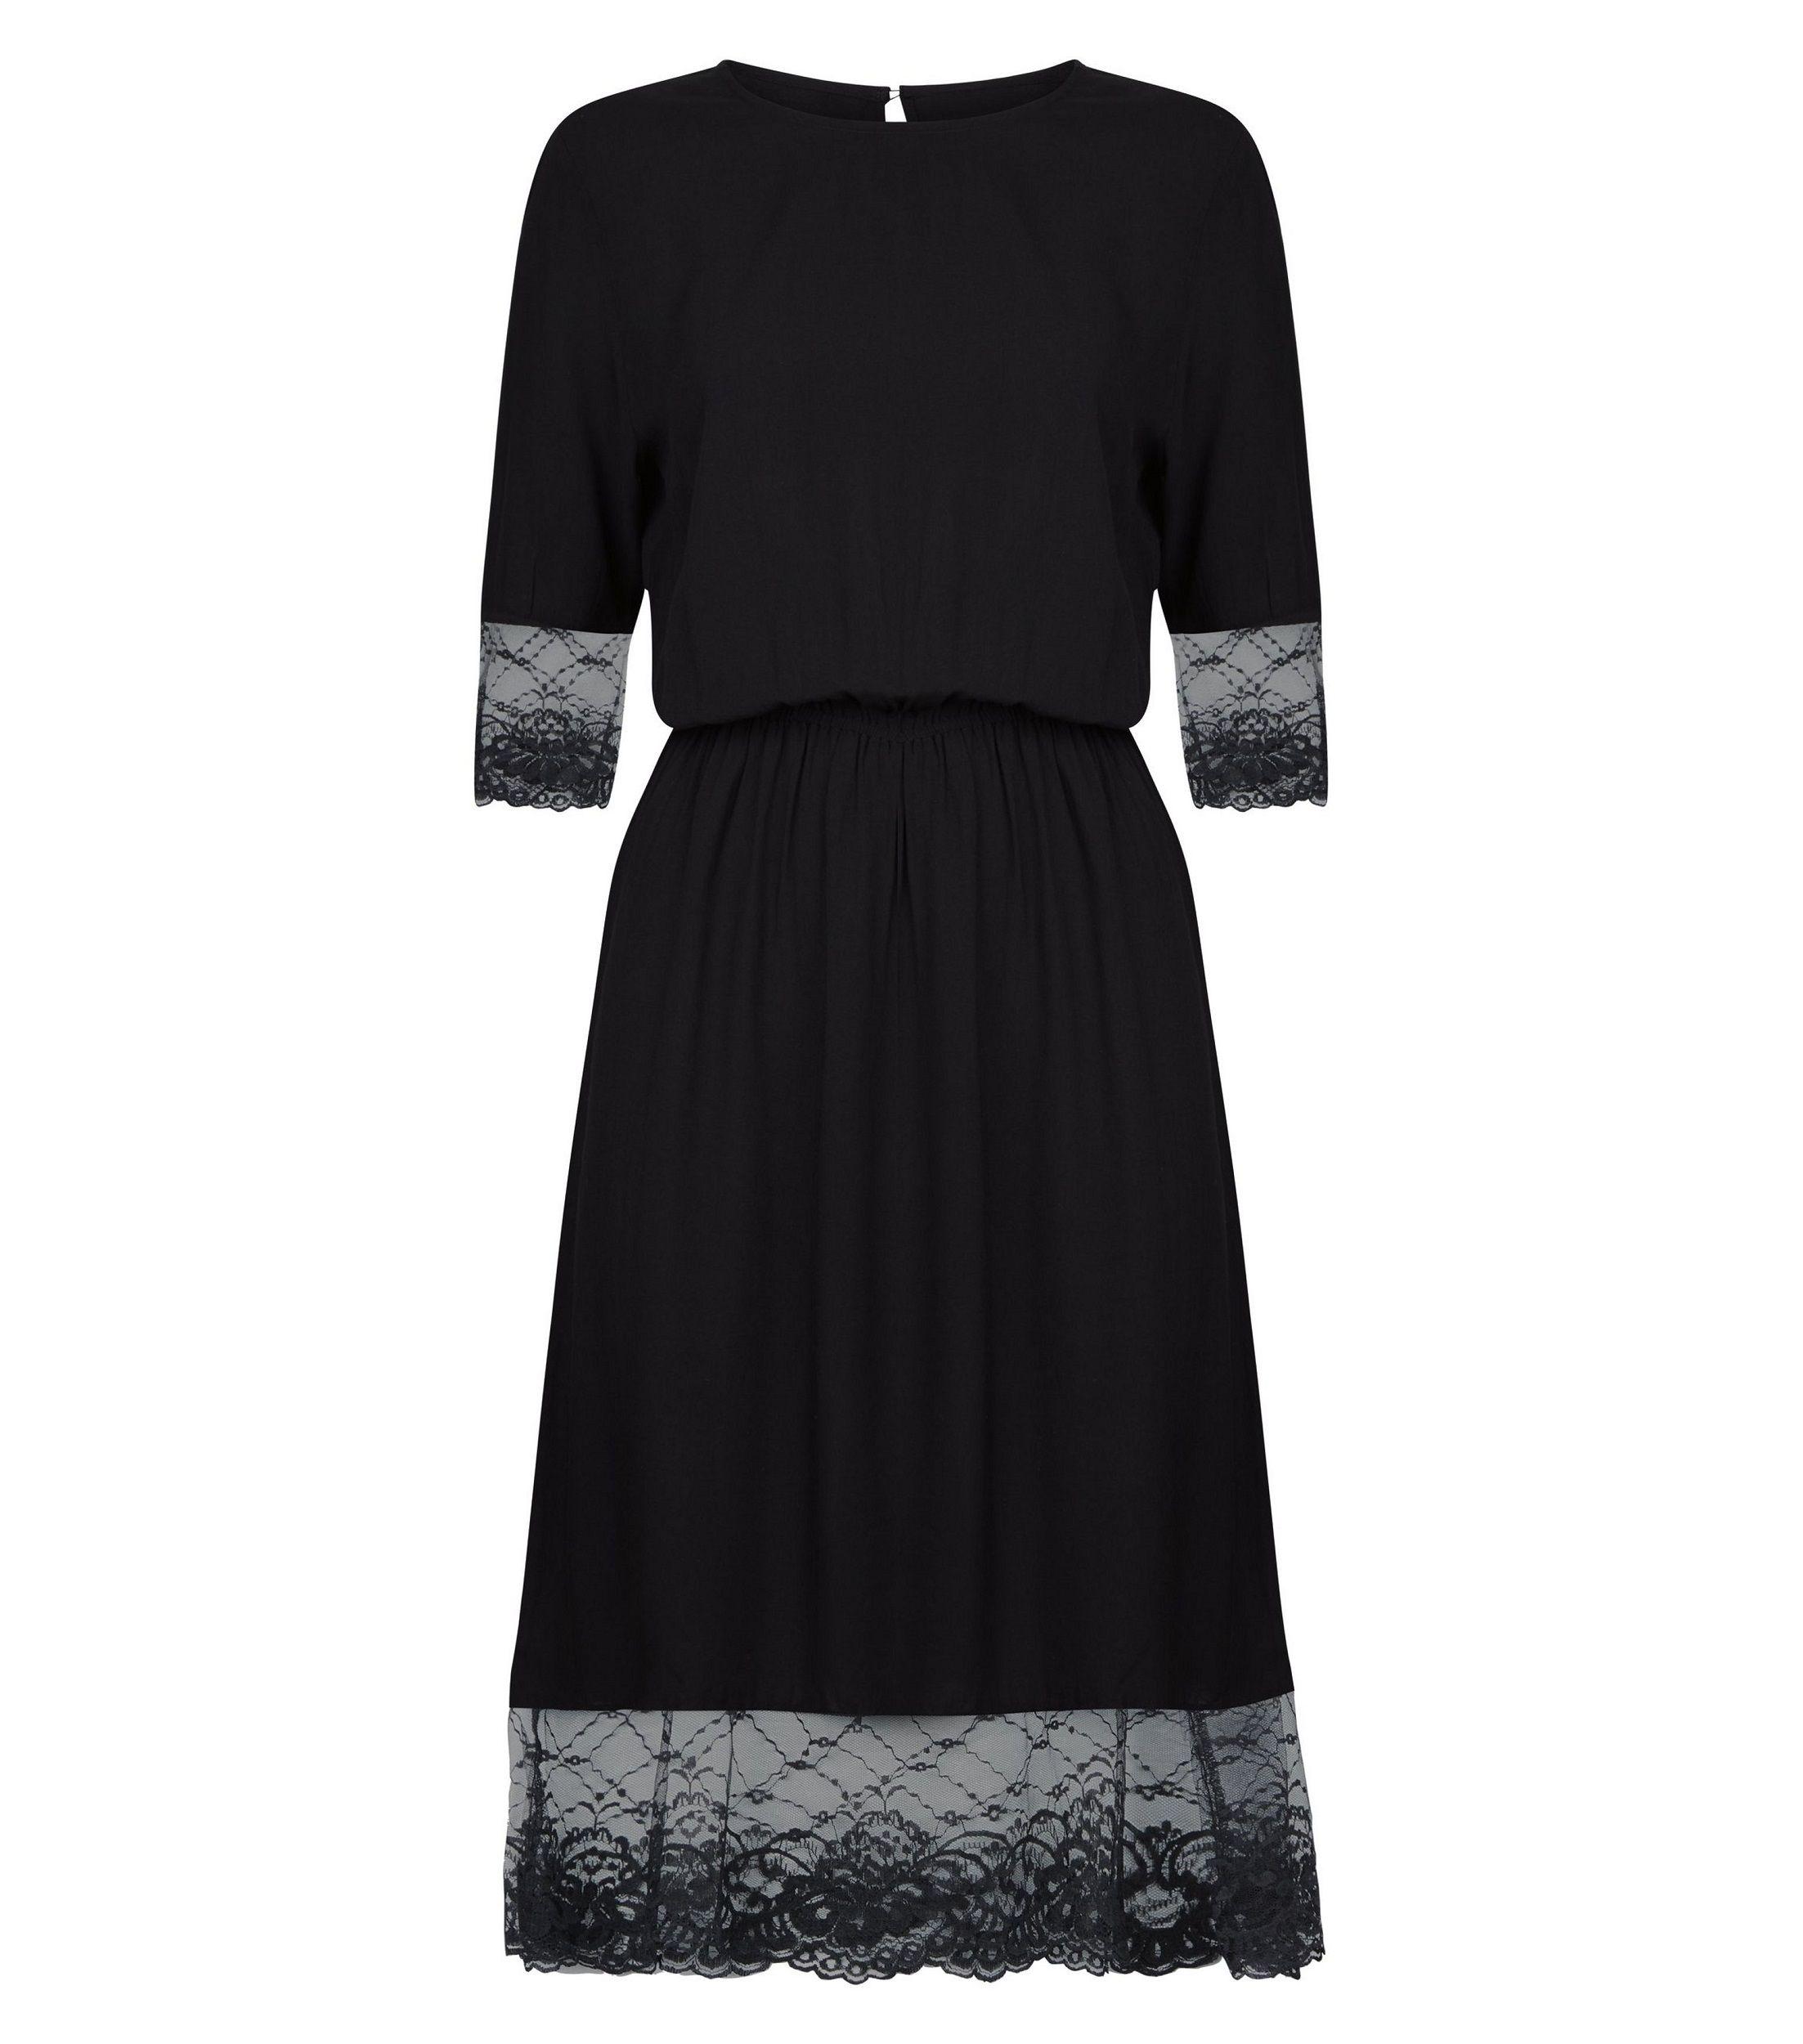 Robe noire en dentelle new look shopping pinterest shopping